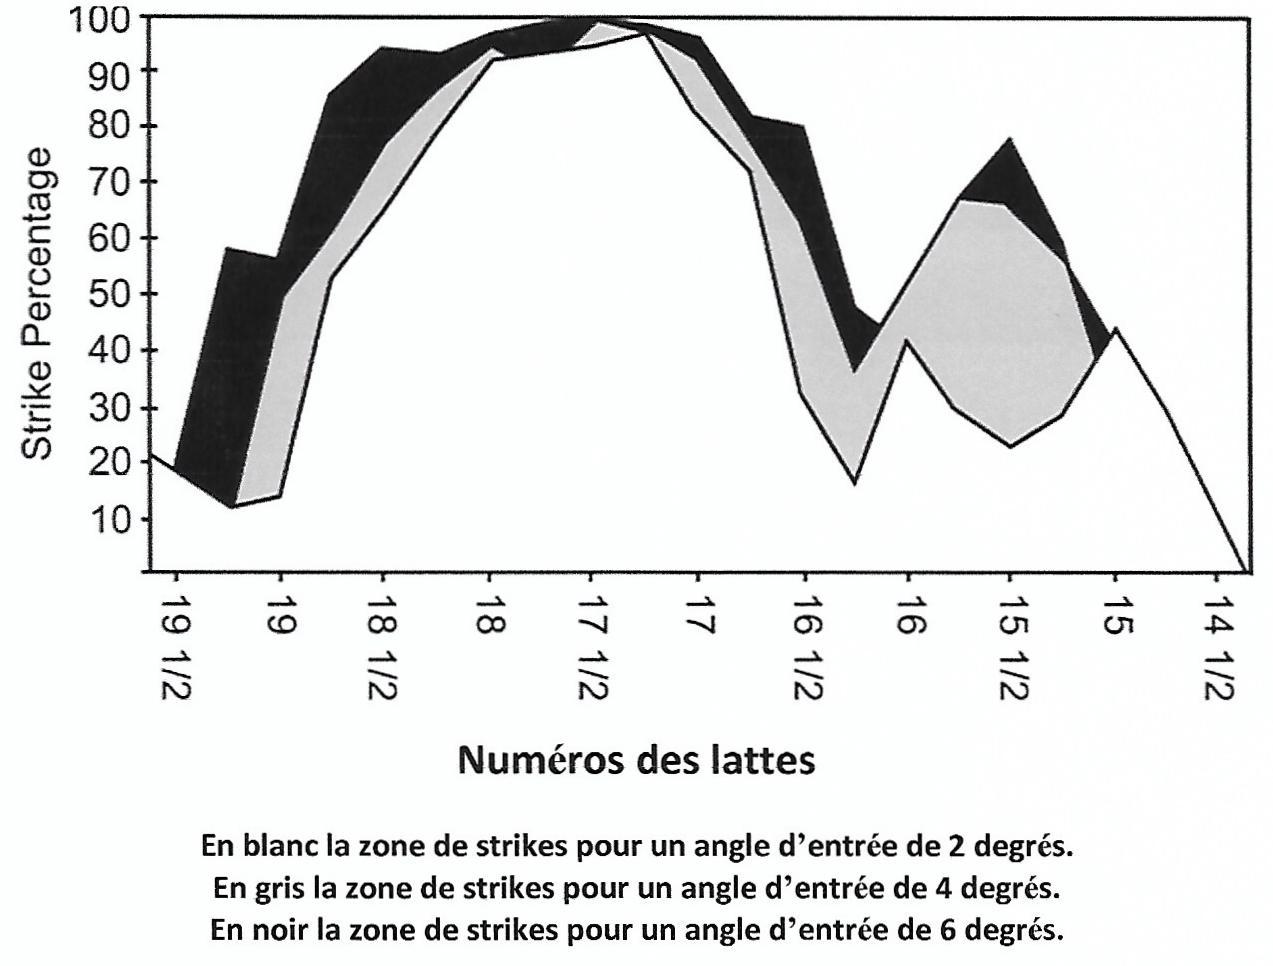 Pourcentage strikes 2°